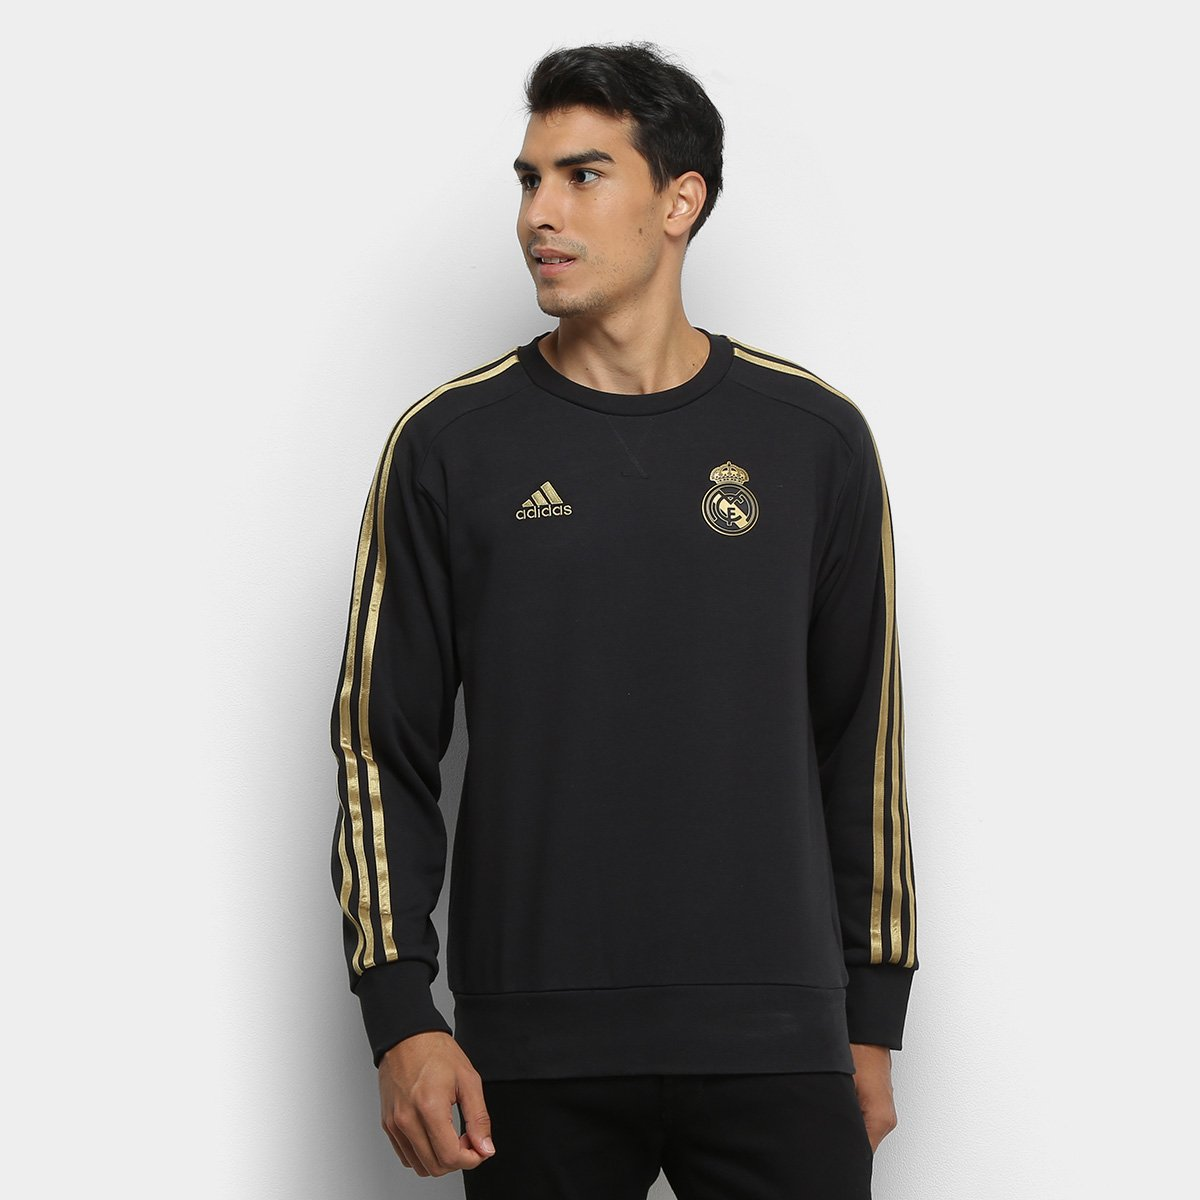 Moletom Real Madrid Adidas Treino Masculino - Preto e Dourado